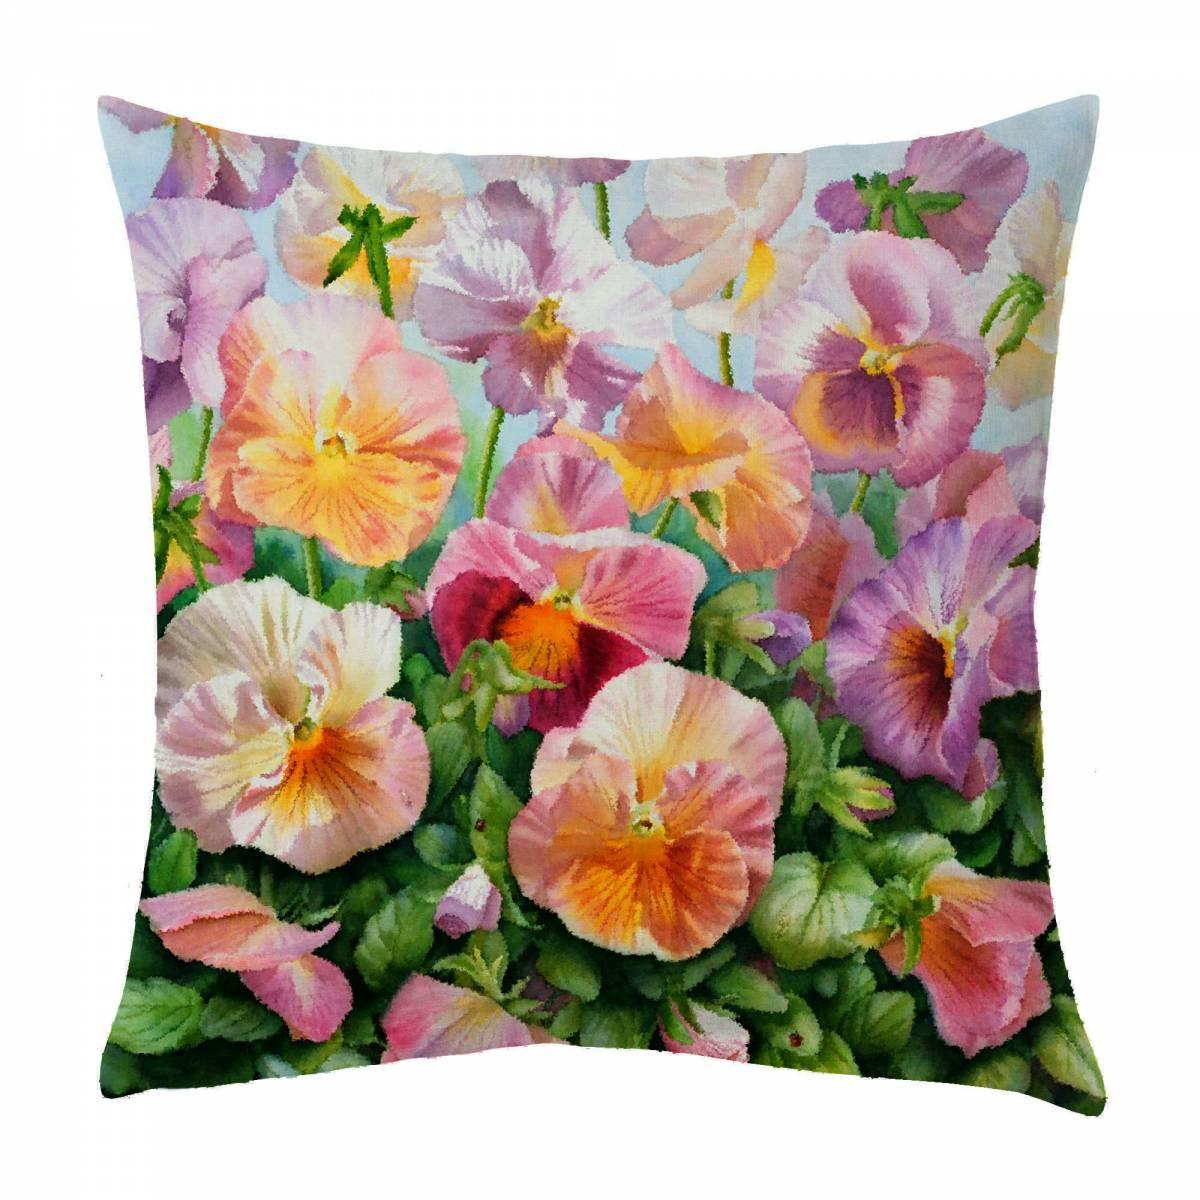 watercolor paintings of flowers - HD1130×921